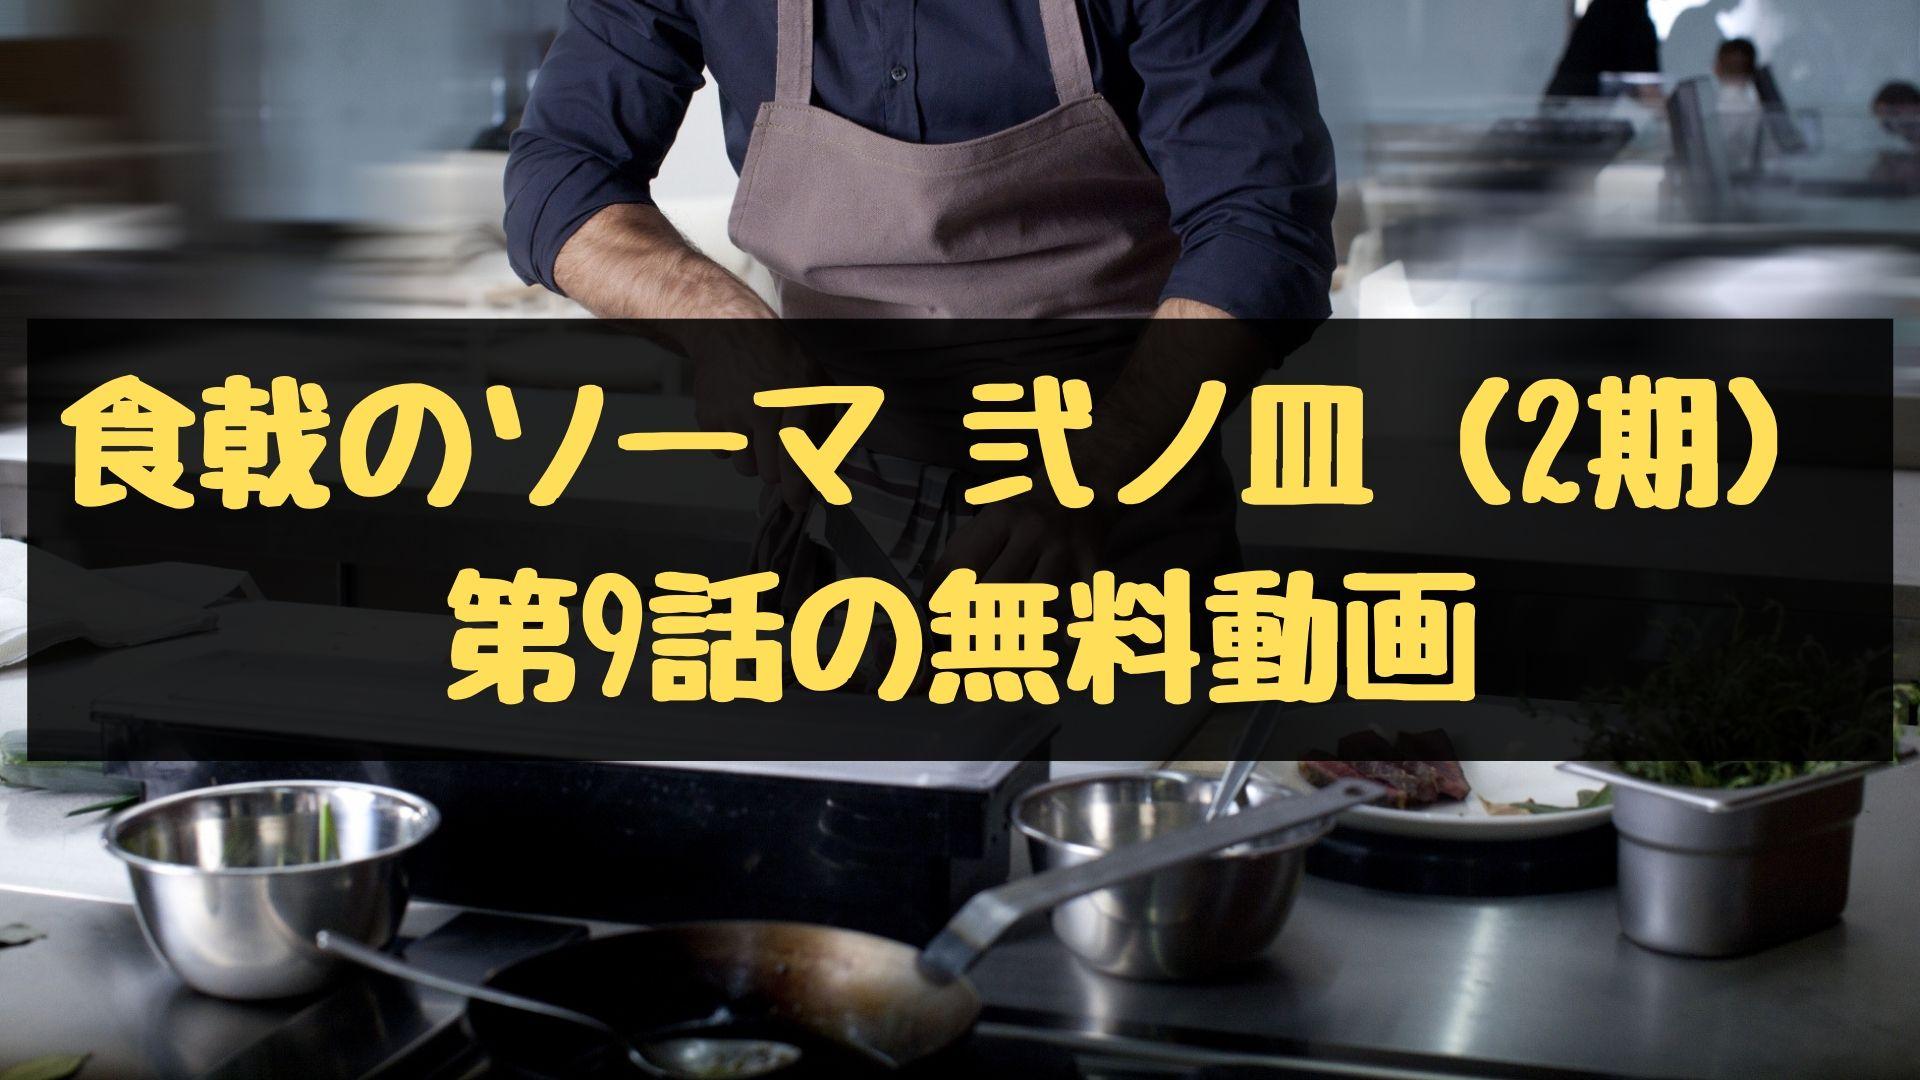 食戟のソーマ 弐ノ皿(2期) 第9話の無料動画